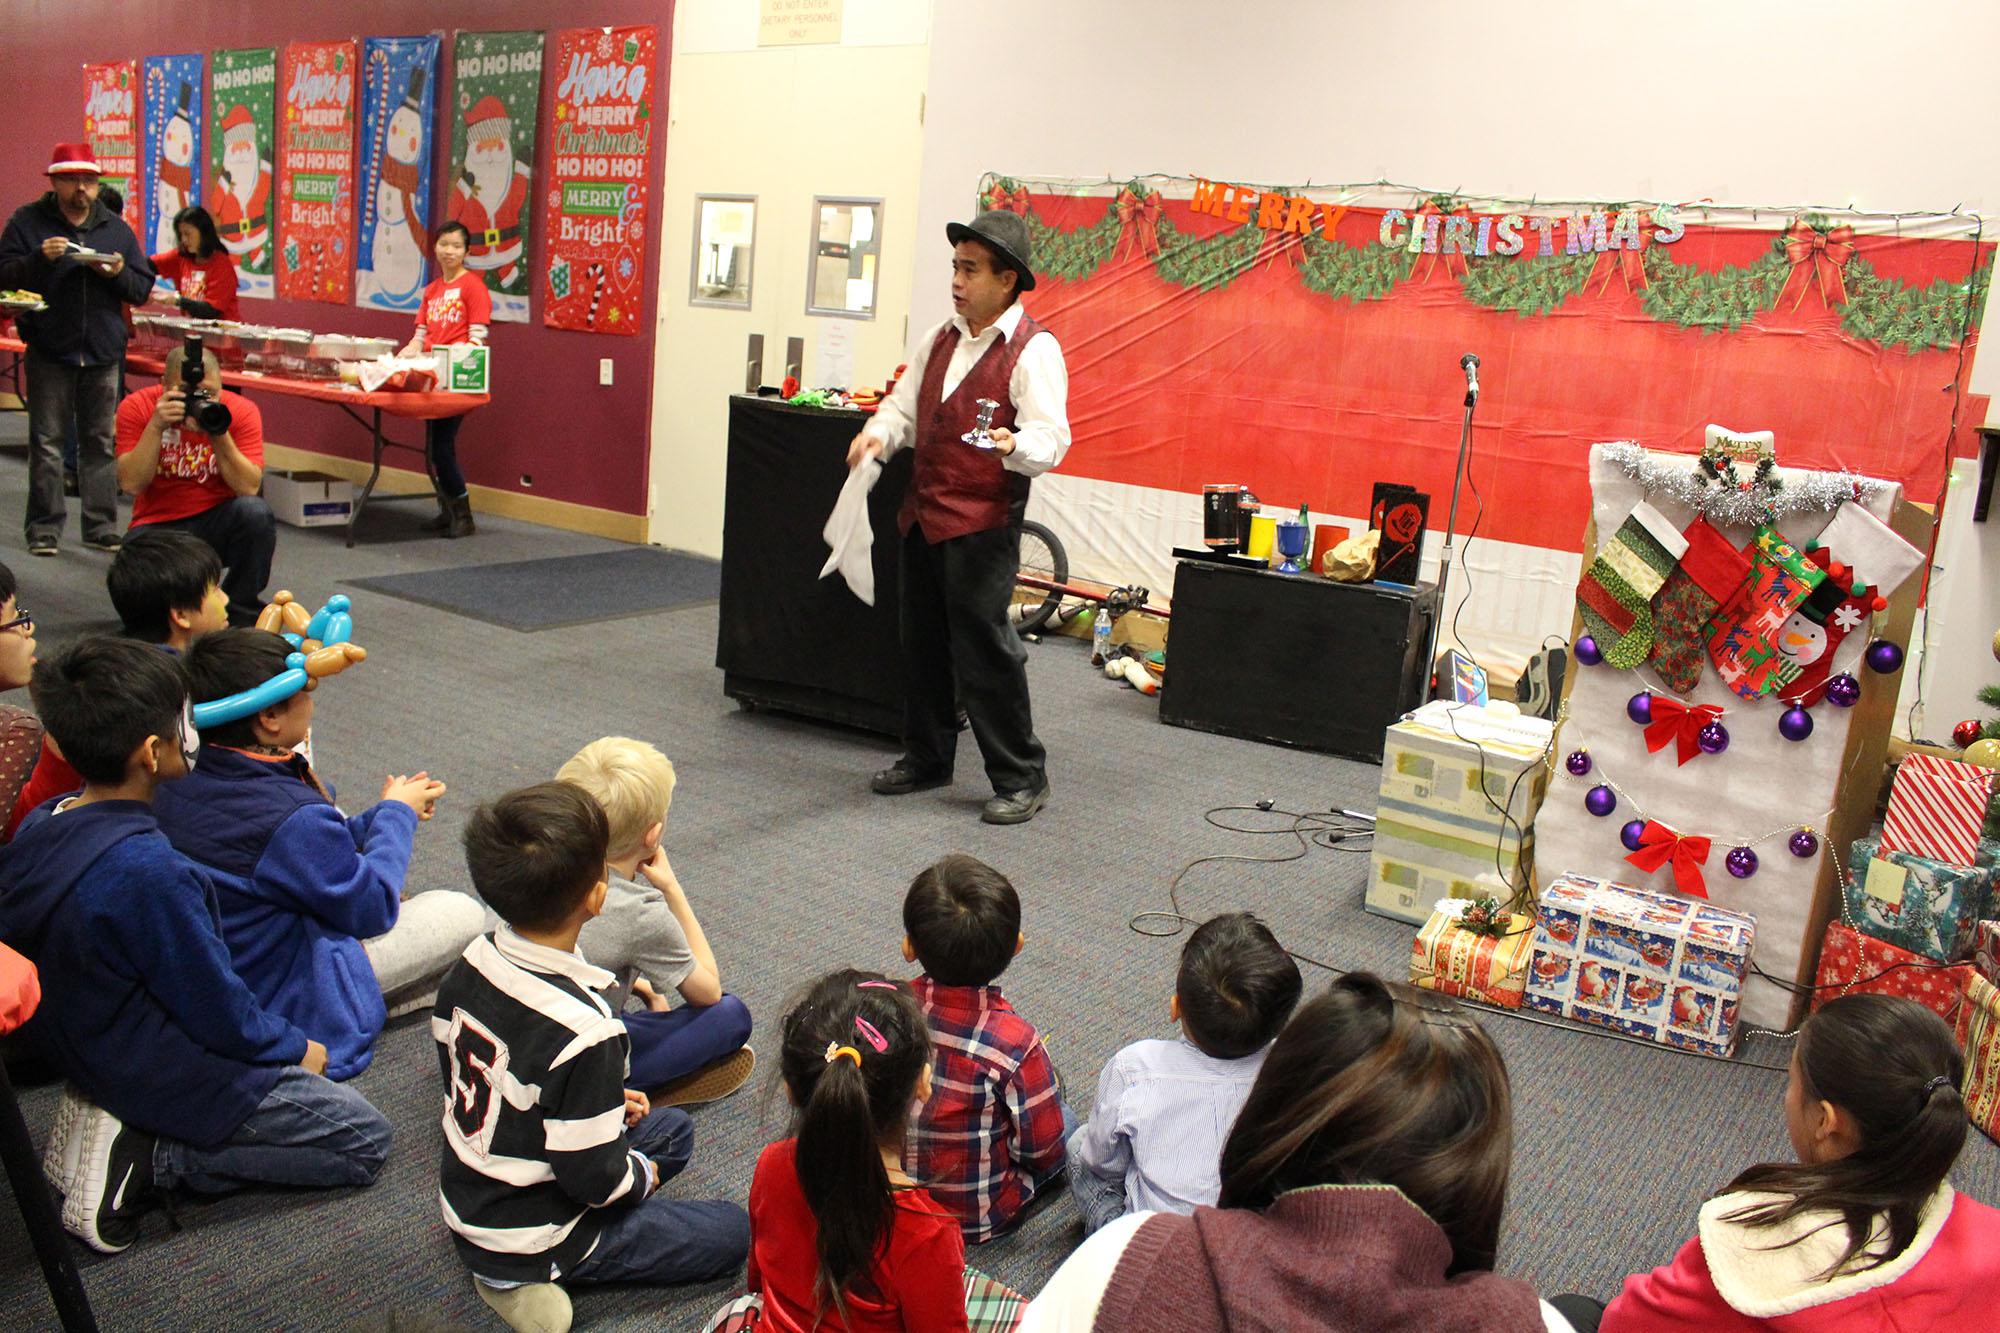 위탁가정 아이들을 위한 크리스마스 파티에서 마술쇼가 펼쳐지고 있다.